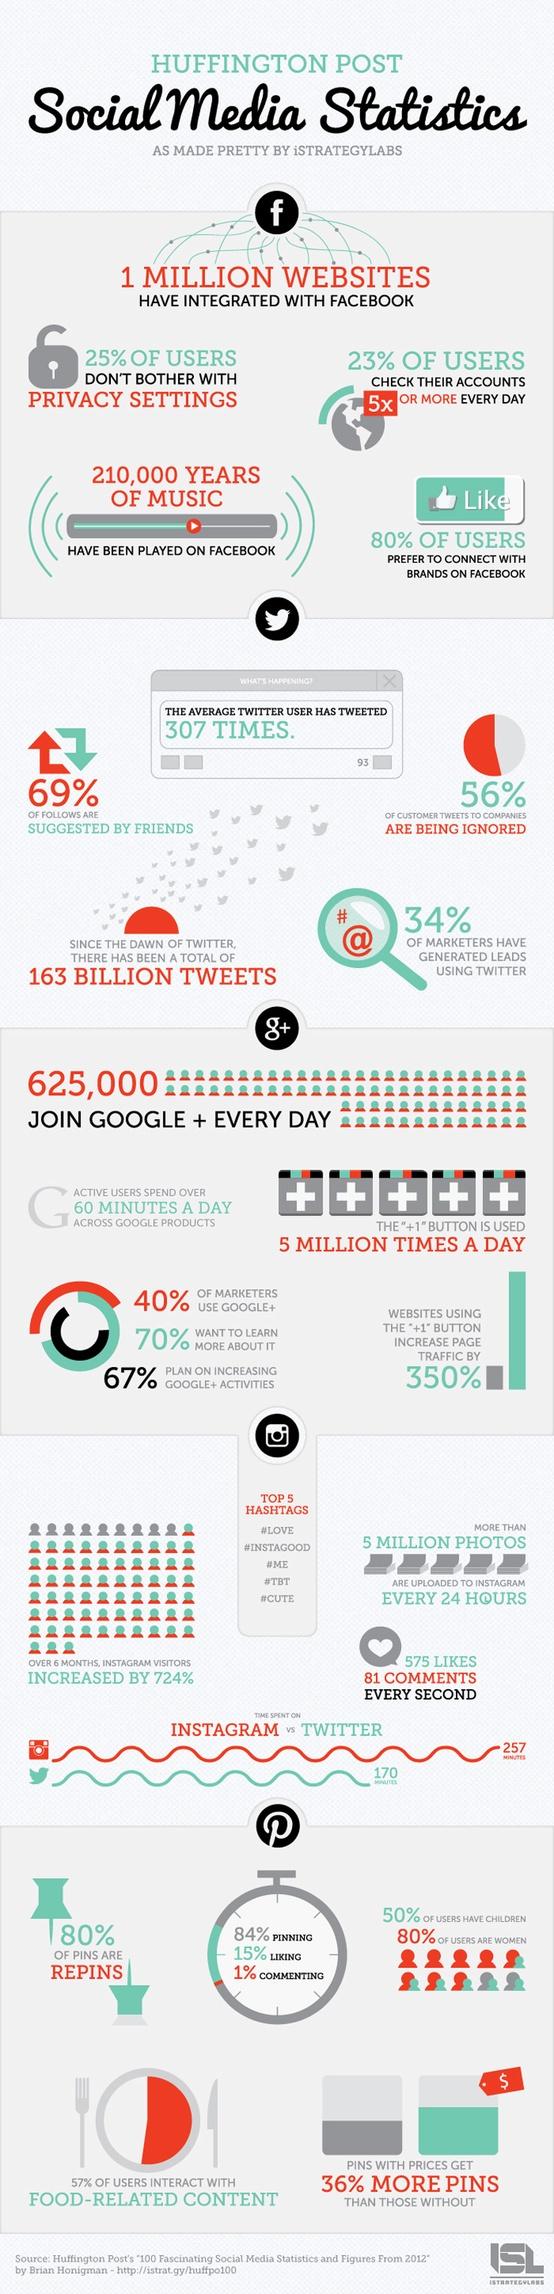 SOcial Media Statistics 2012